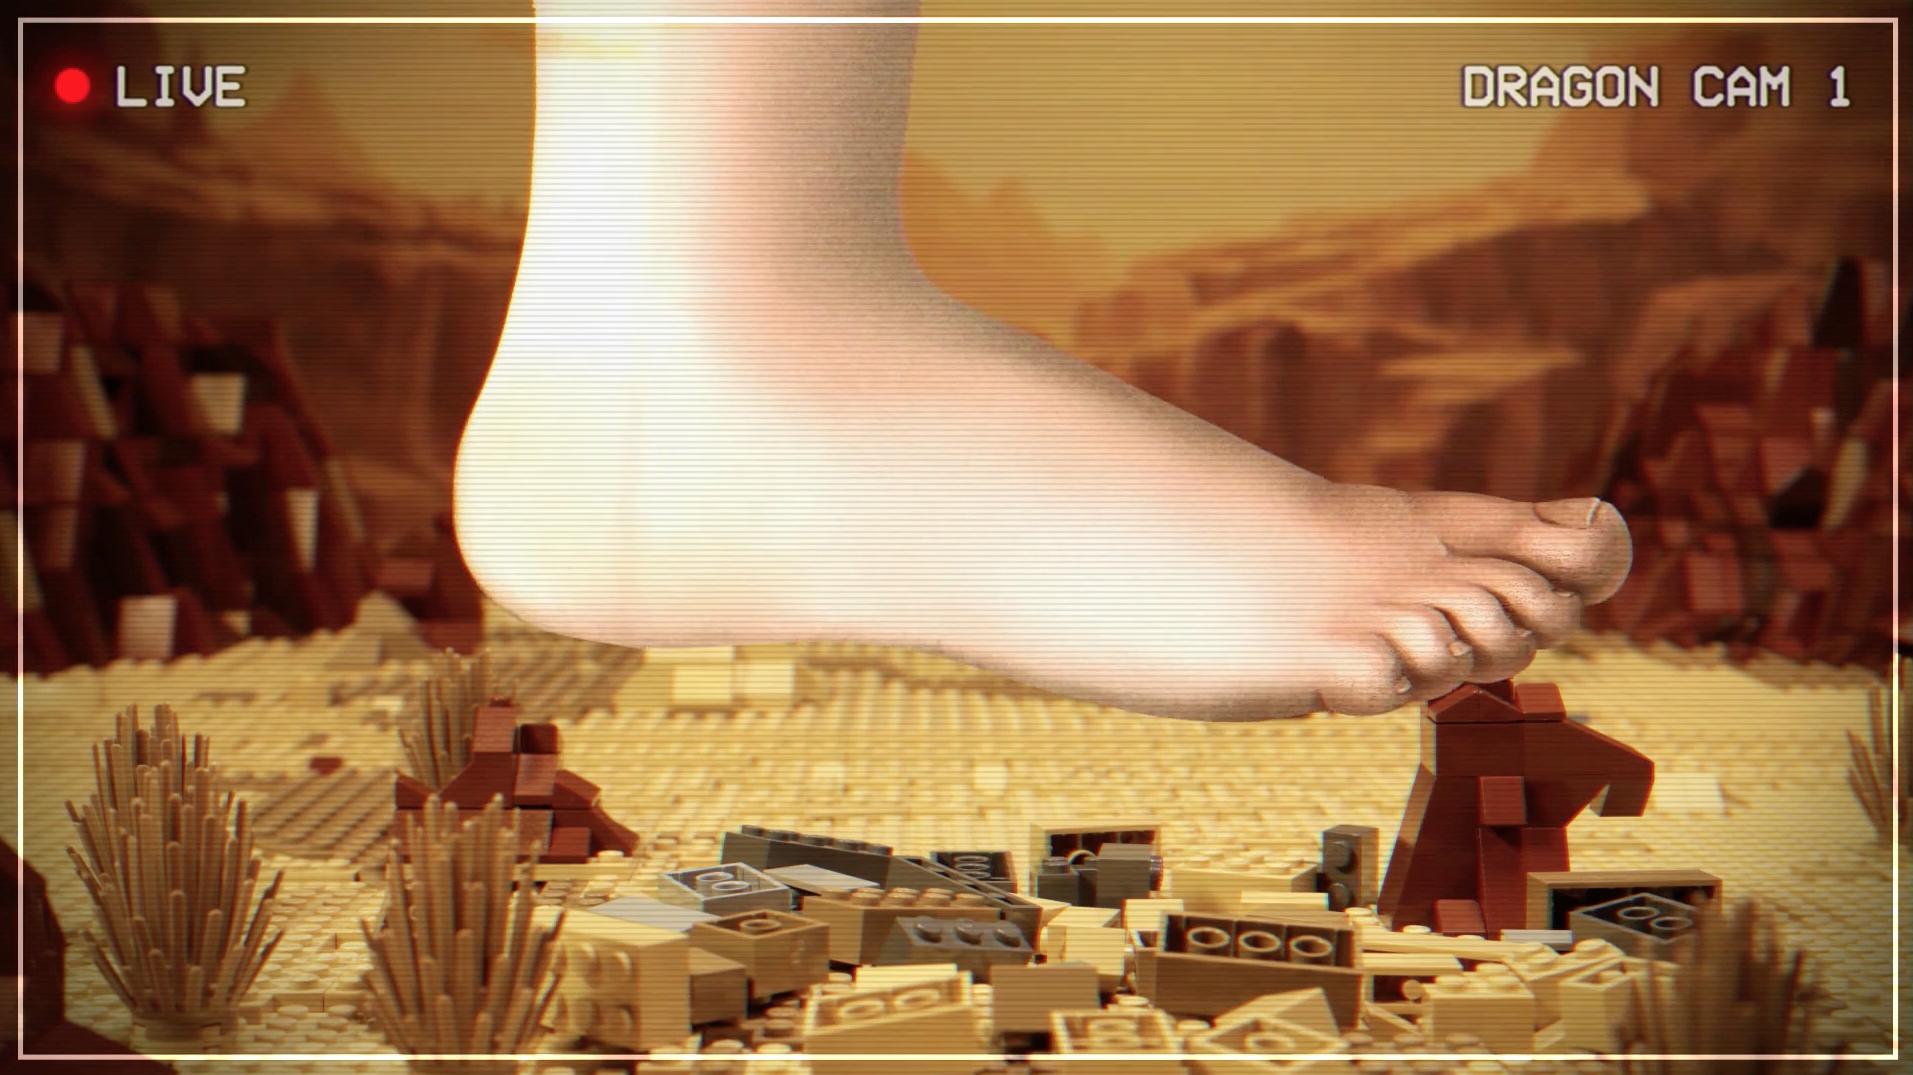 Lego-DragonCam-06.png